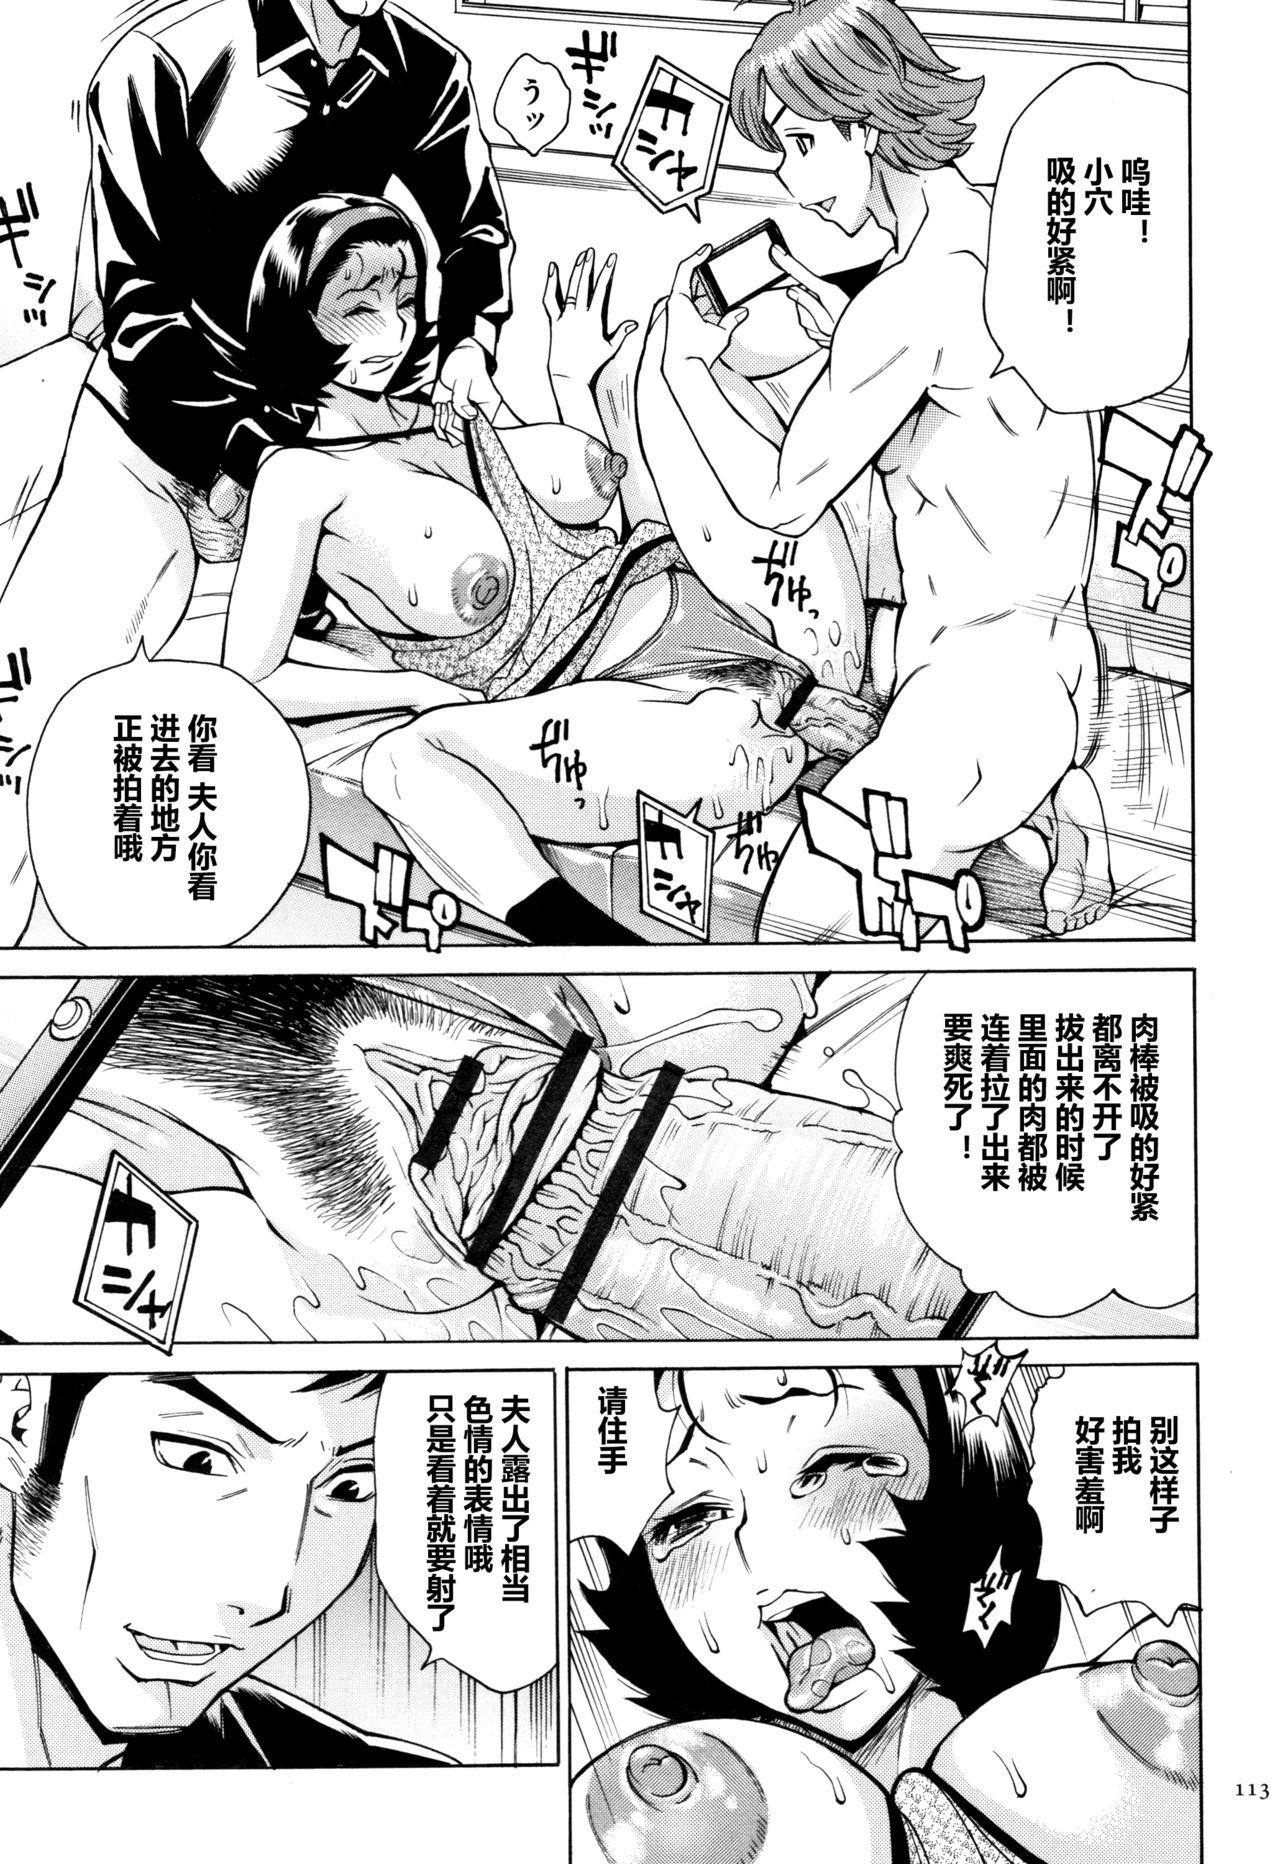 Oba-san dakedo, Daite Hoshii. 113